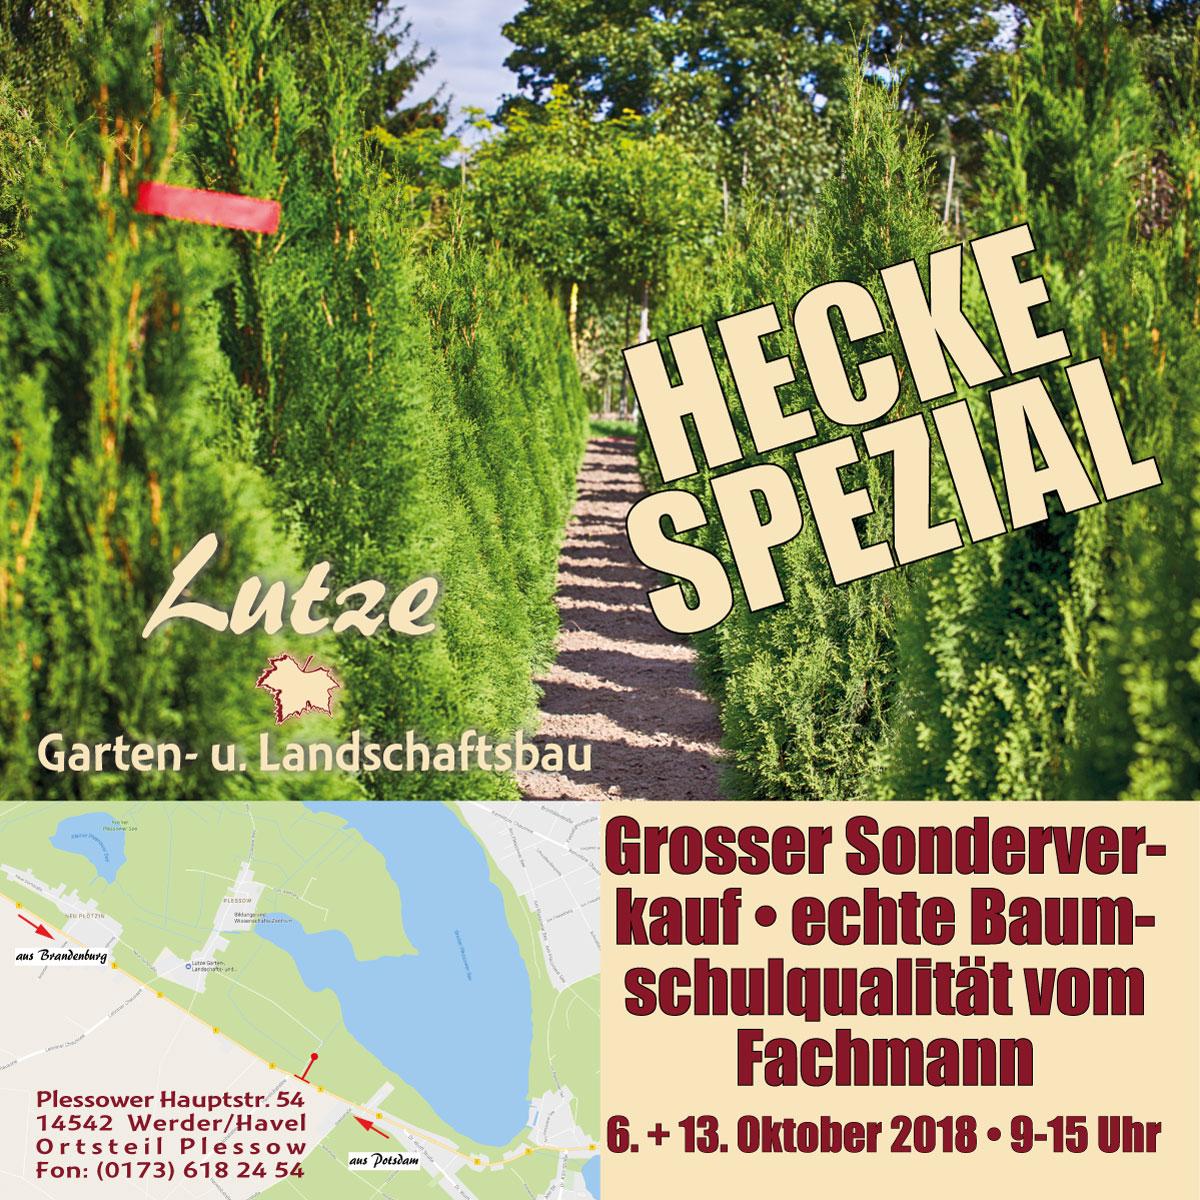 Garten Und Landschaftsbau Wirth Gbr Landschaftsgärtner: Hecke Spezial Bei Lutze Garten- Und Landschaftsbau